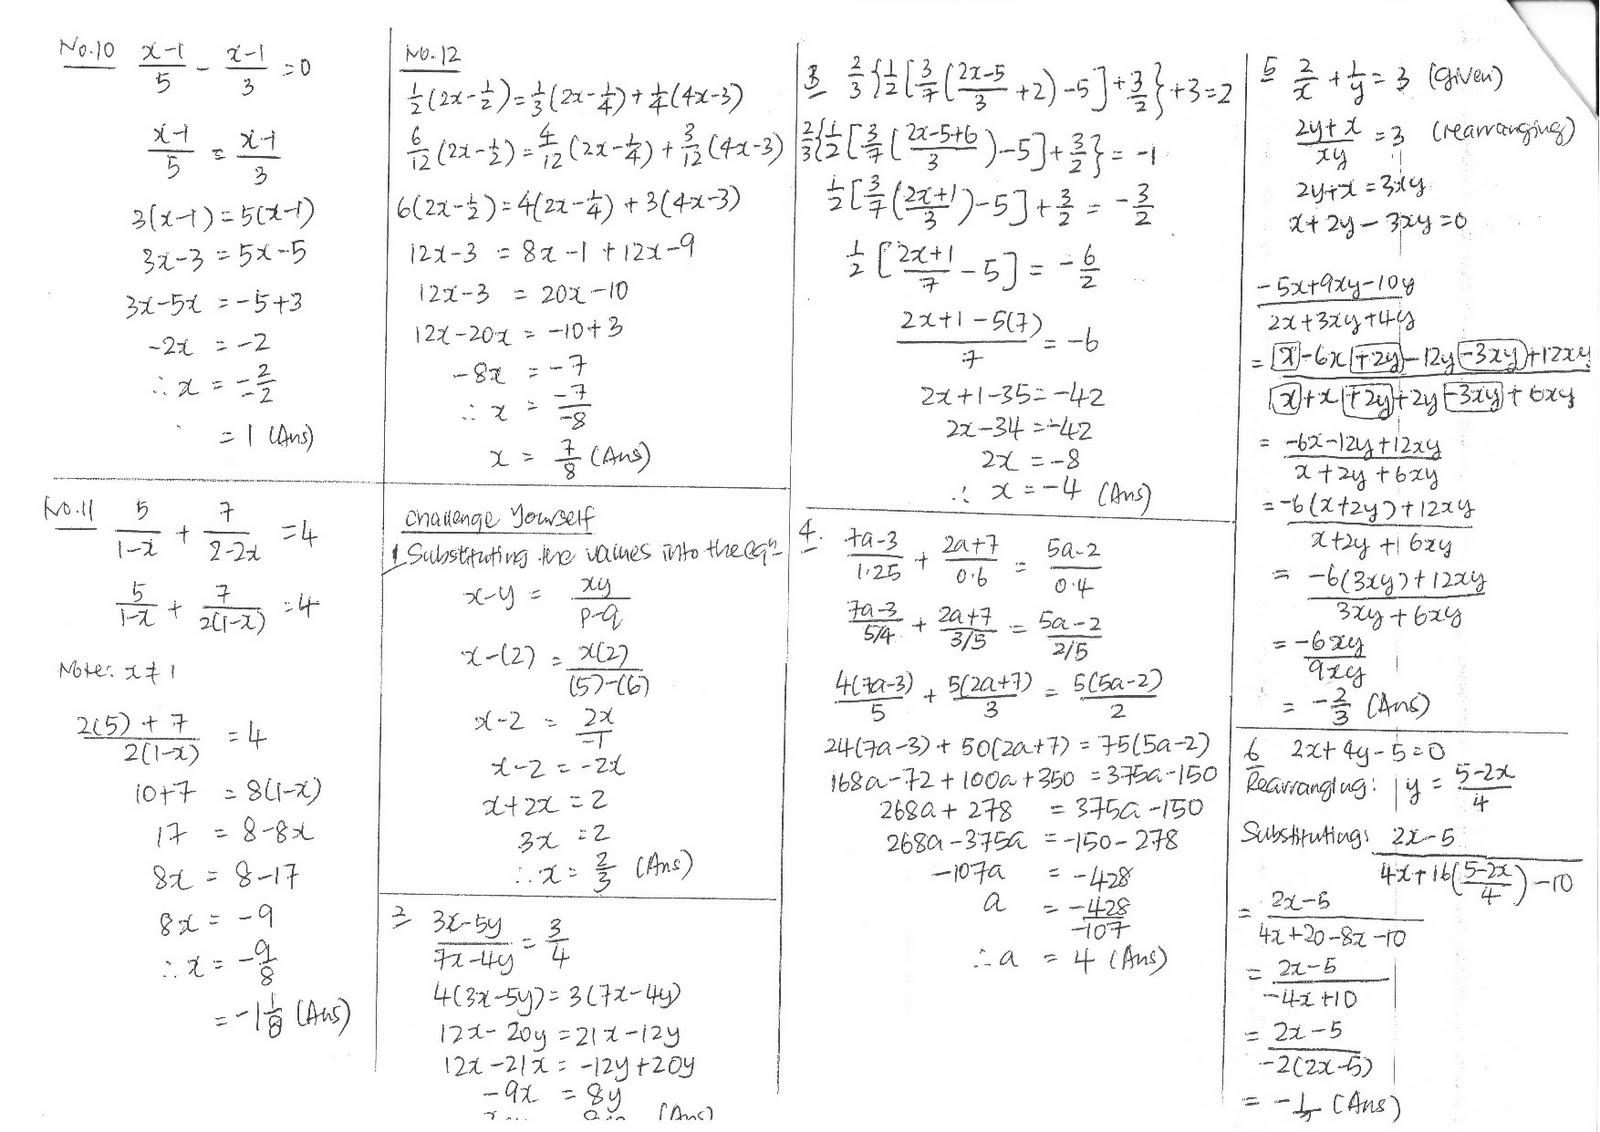 2011 S1-06 Maths Blog: Math answer sheet WS8, WS9 & WS10